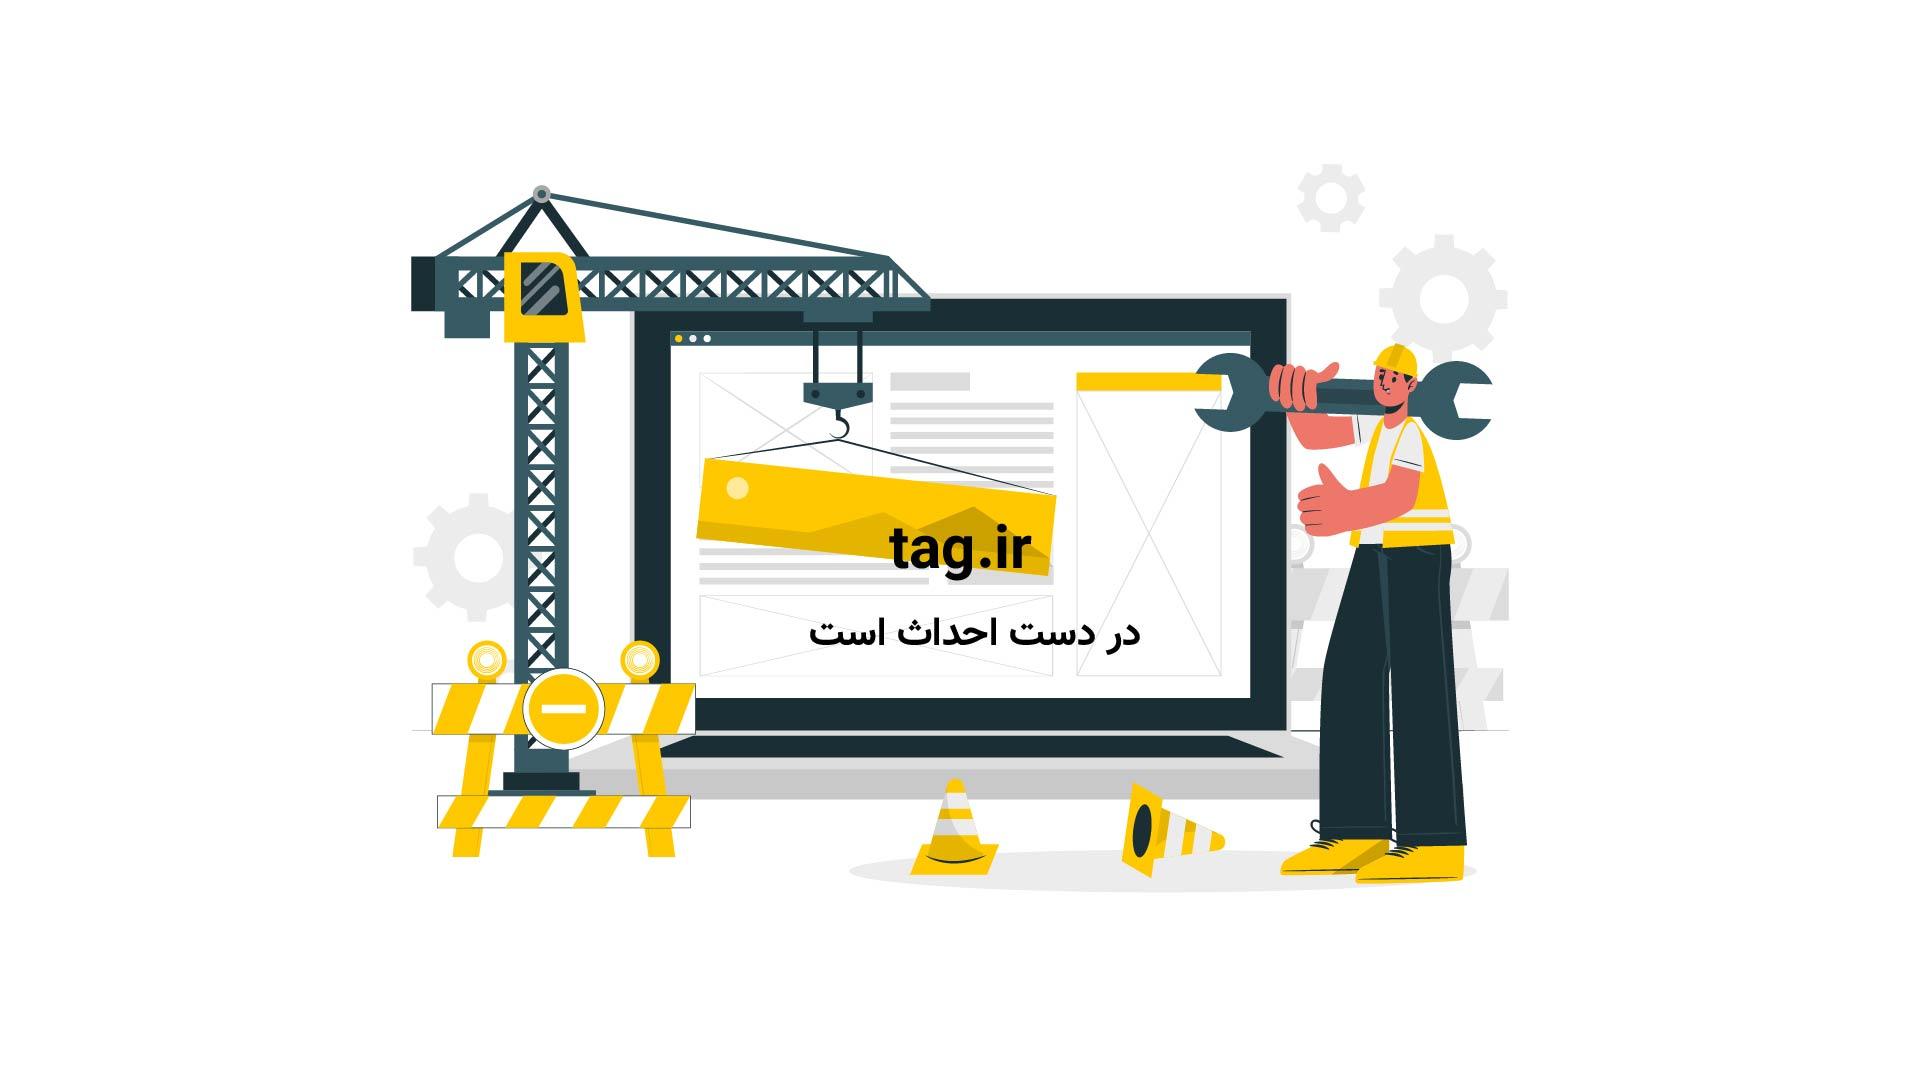 زلزله کرمانشاه | تگ